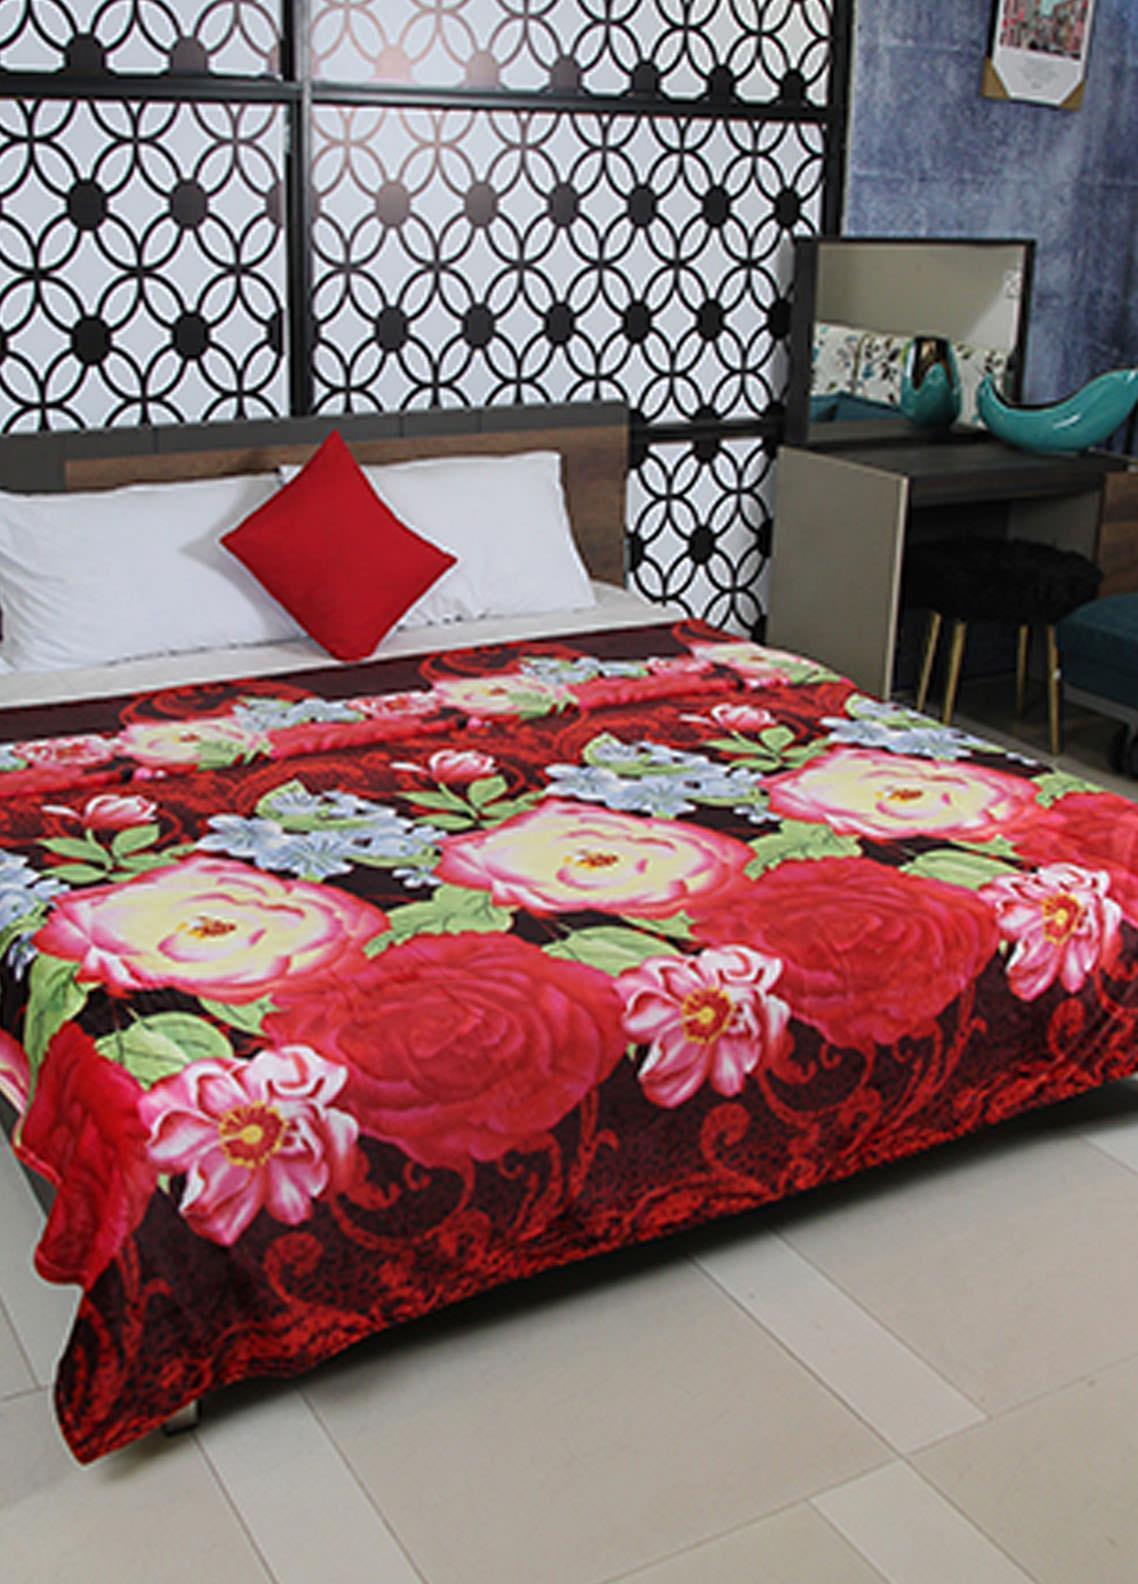 Plush Mink Double Bed Supreme Soft Finish Blankets 2 Ply Supremo-SMV223 - Home & Decor